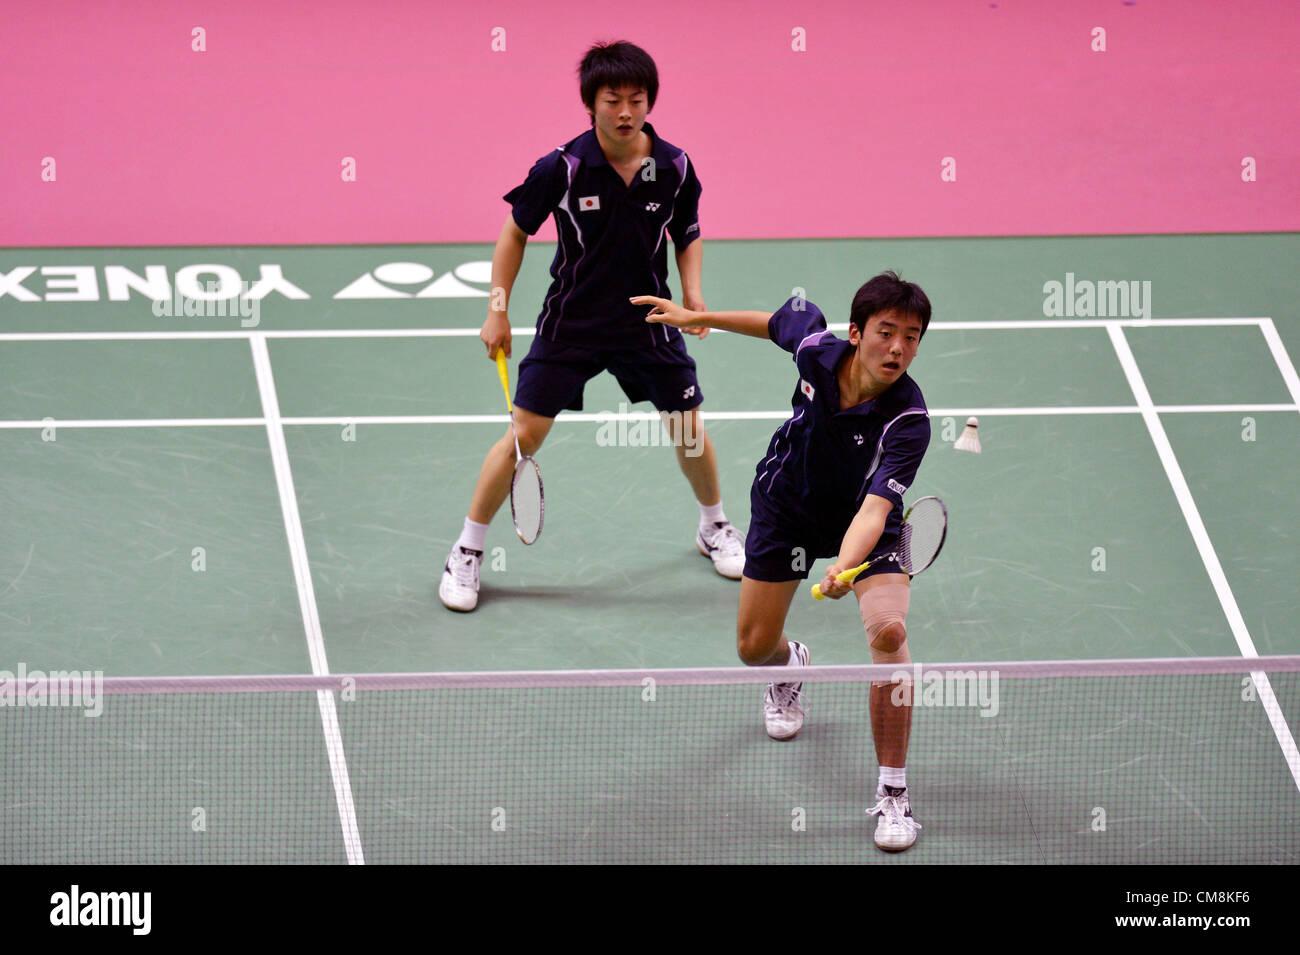 L to R Takuto Inoue JPN Yuki Kaneko JPN OCTOBER 28 2012